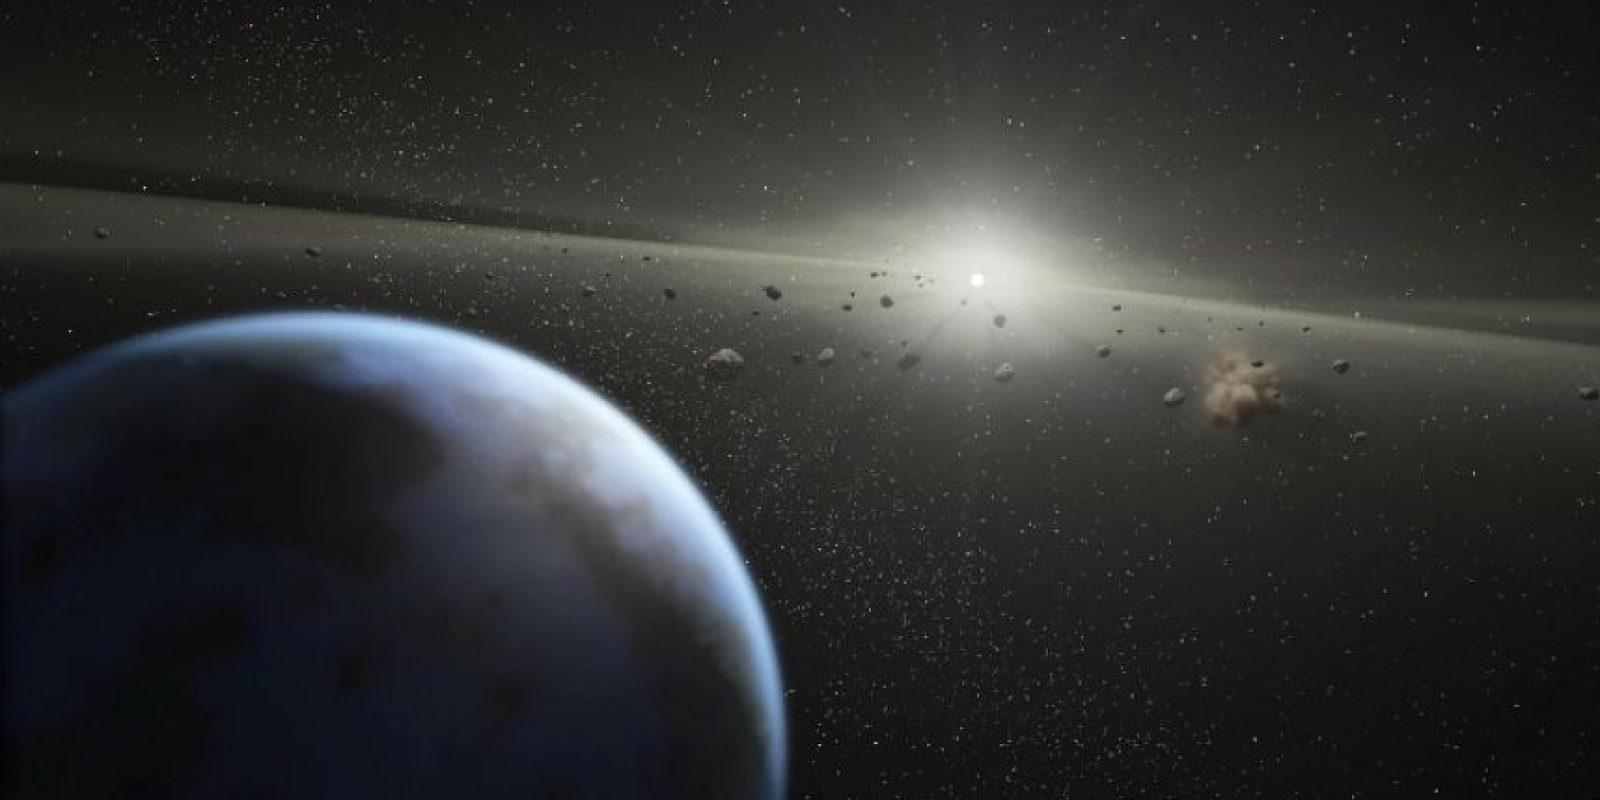 Resultado de imaxes para: cinturon de asteroides national geographic